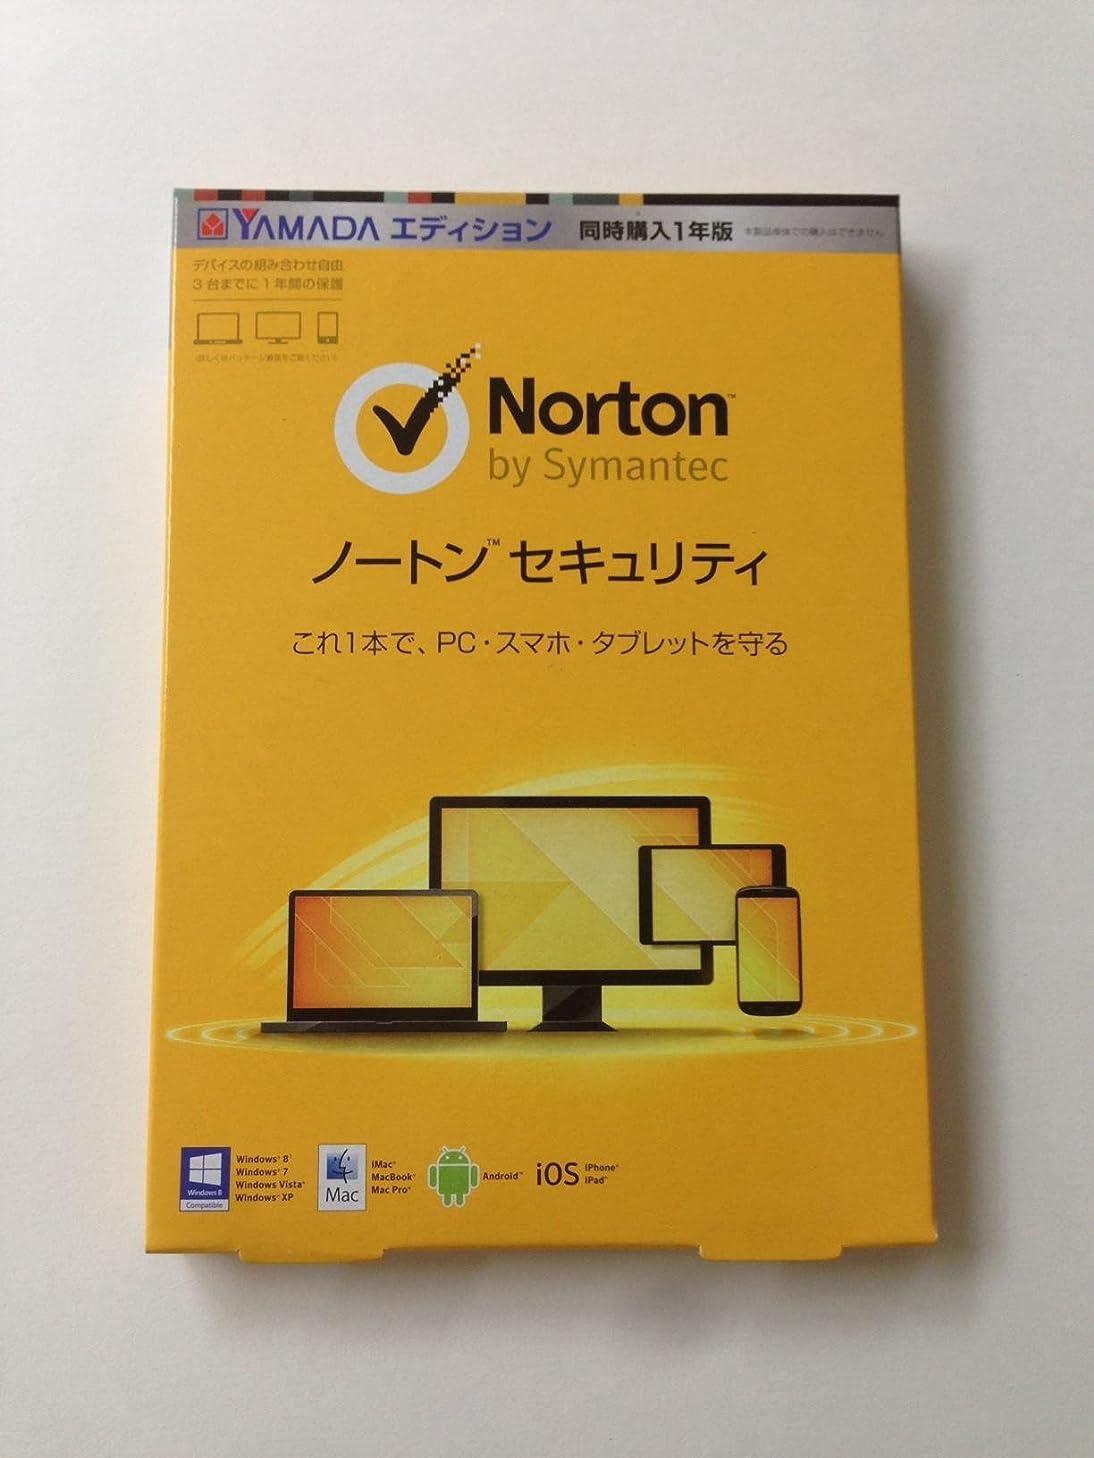 億ストリップ反発ノートン セキュリティ 同時購入1年版 YAMADAエディション